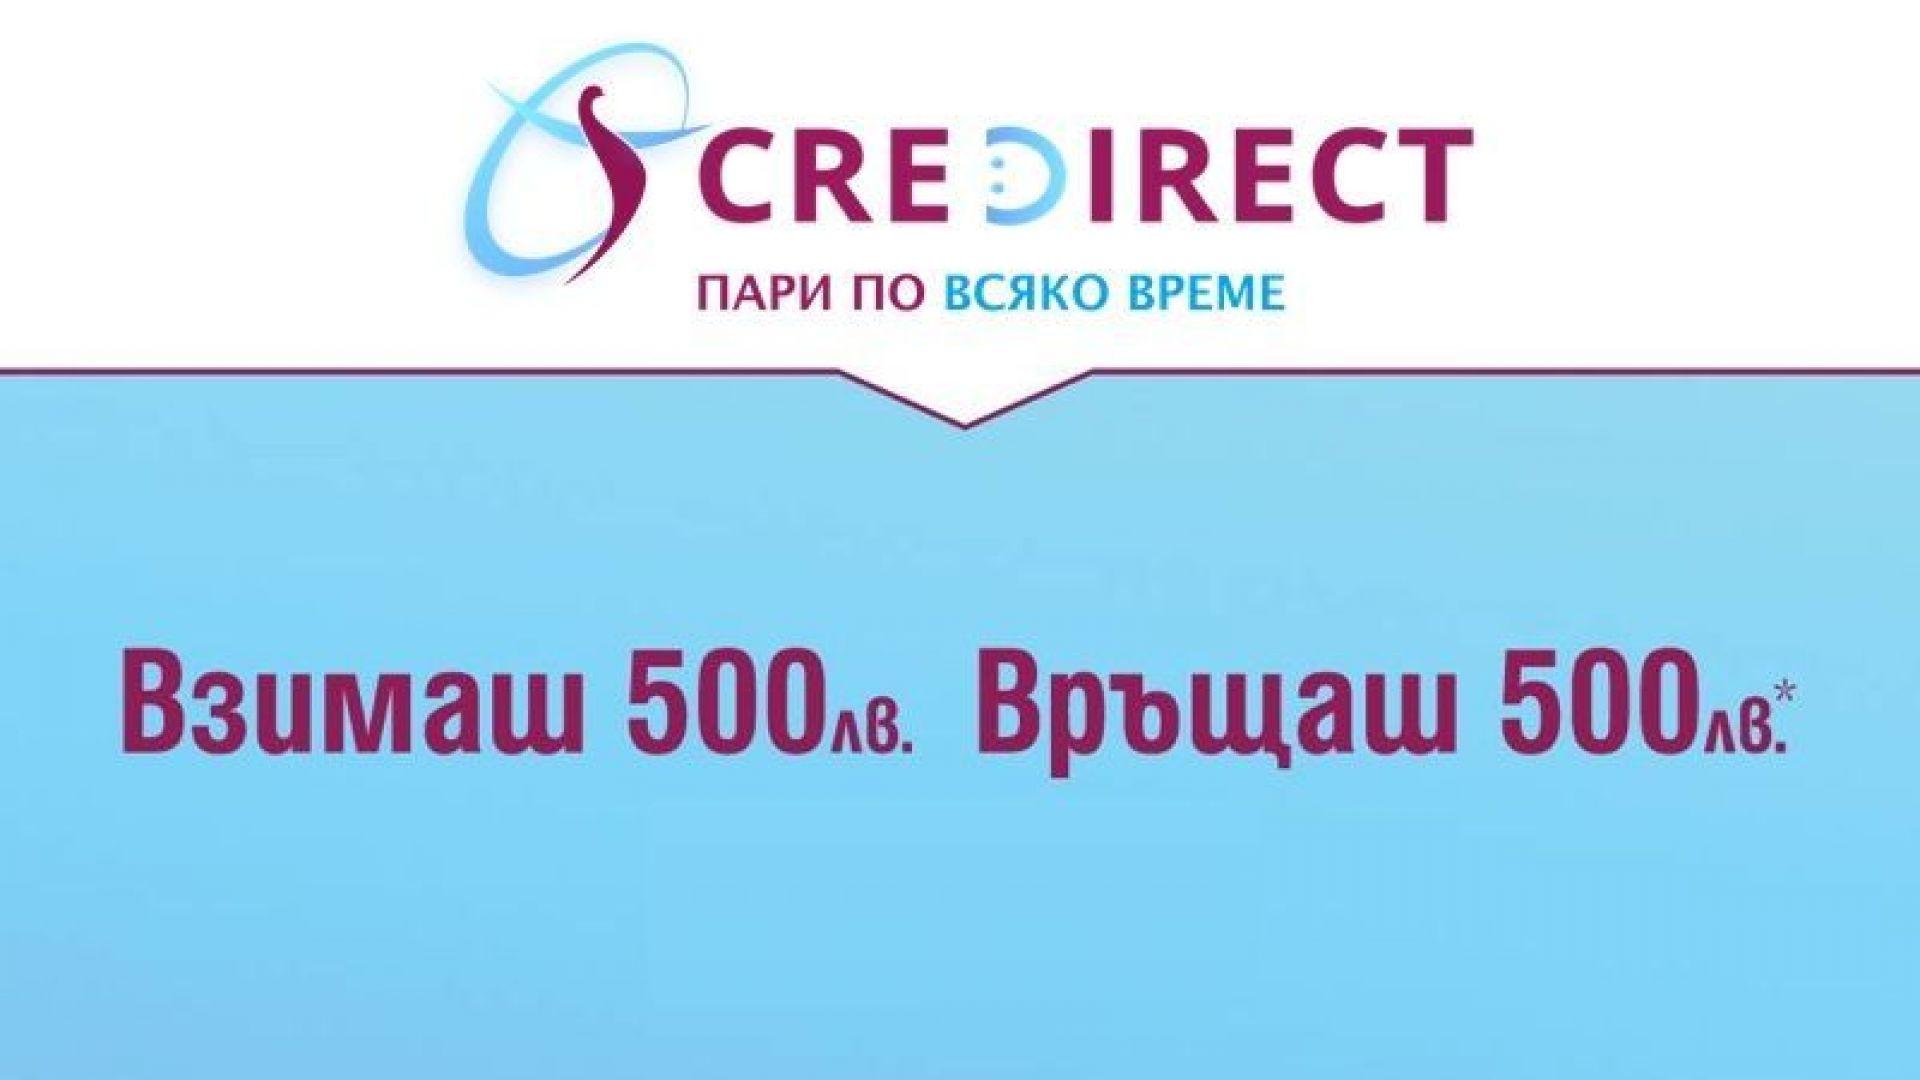 Бърз кредит до заплата от Credirect